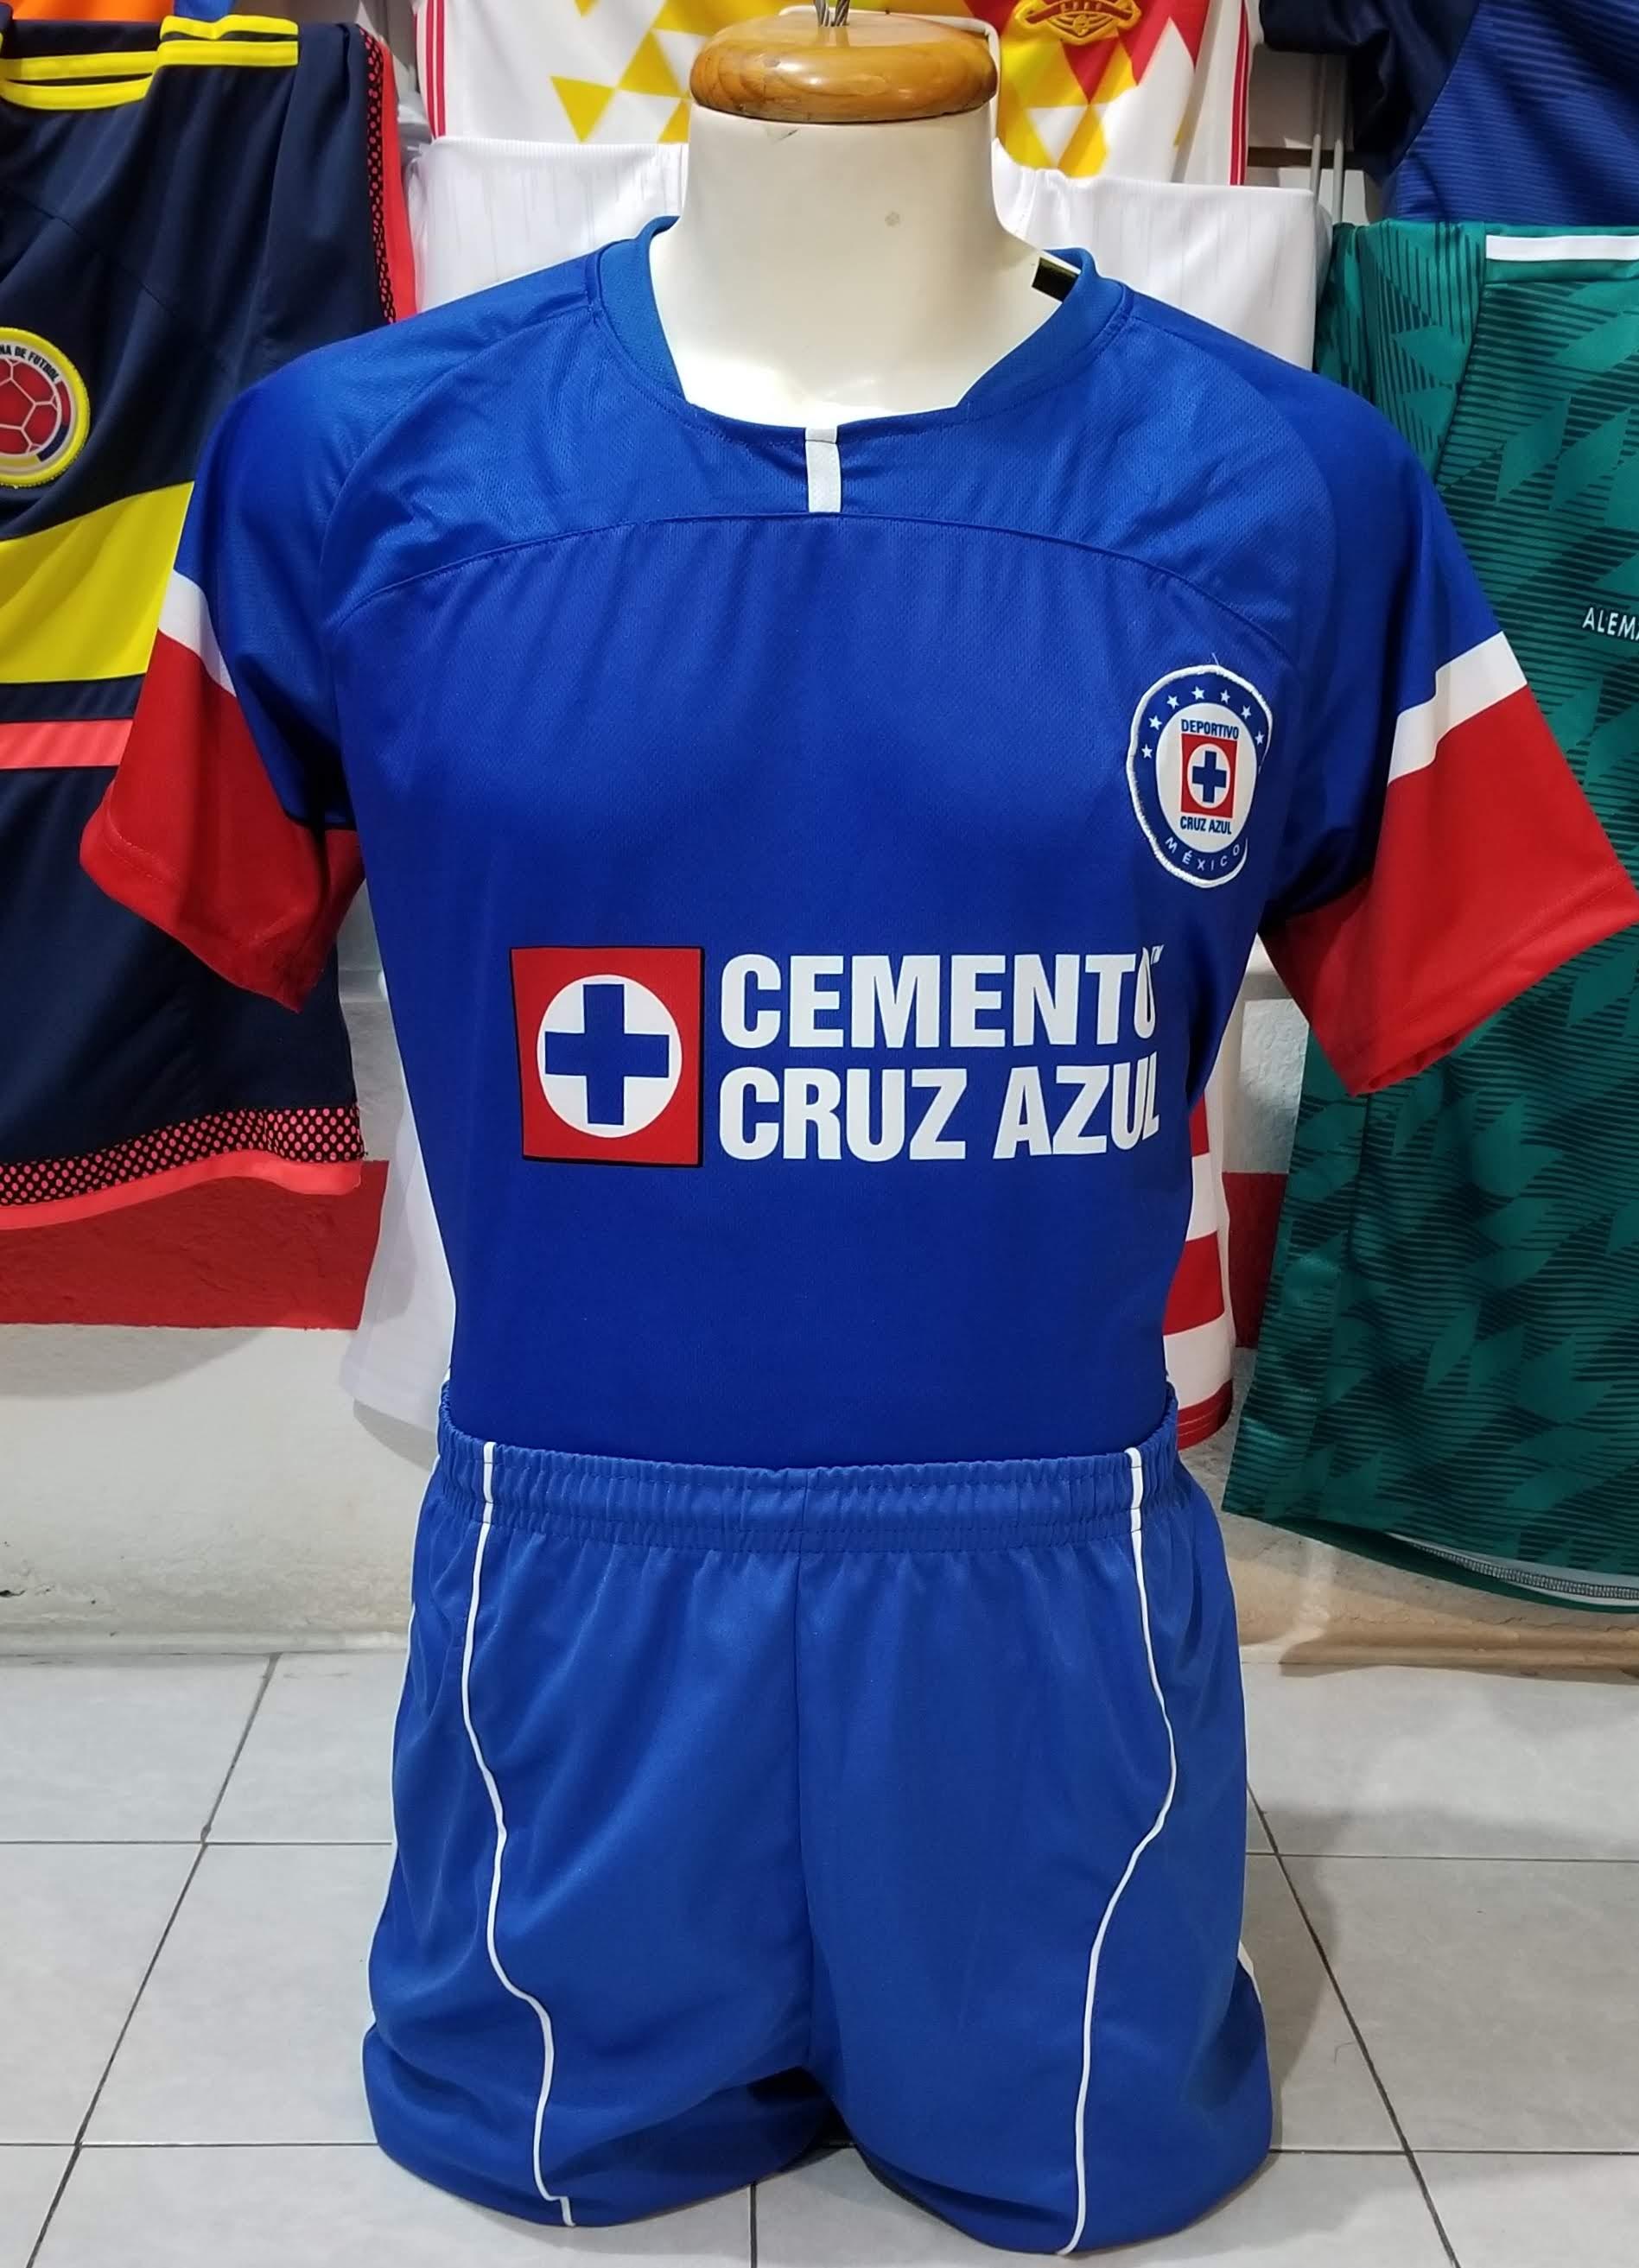 9a008fac3347a Llegaron todos los uniformes 2018 de la Liga MX